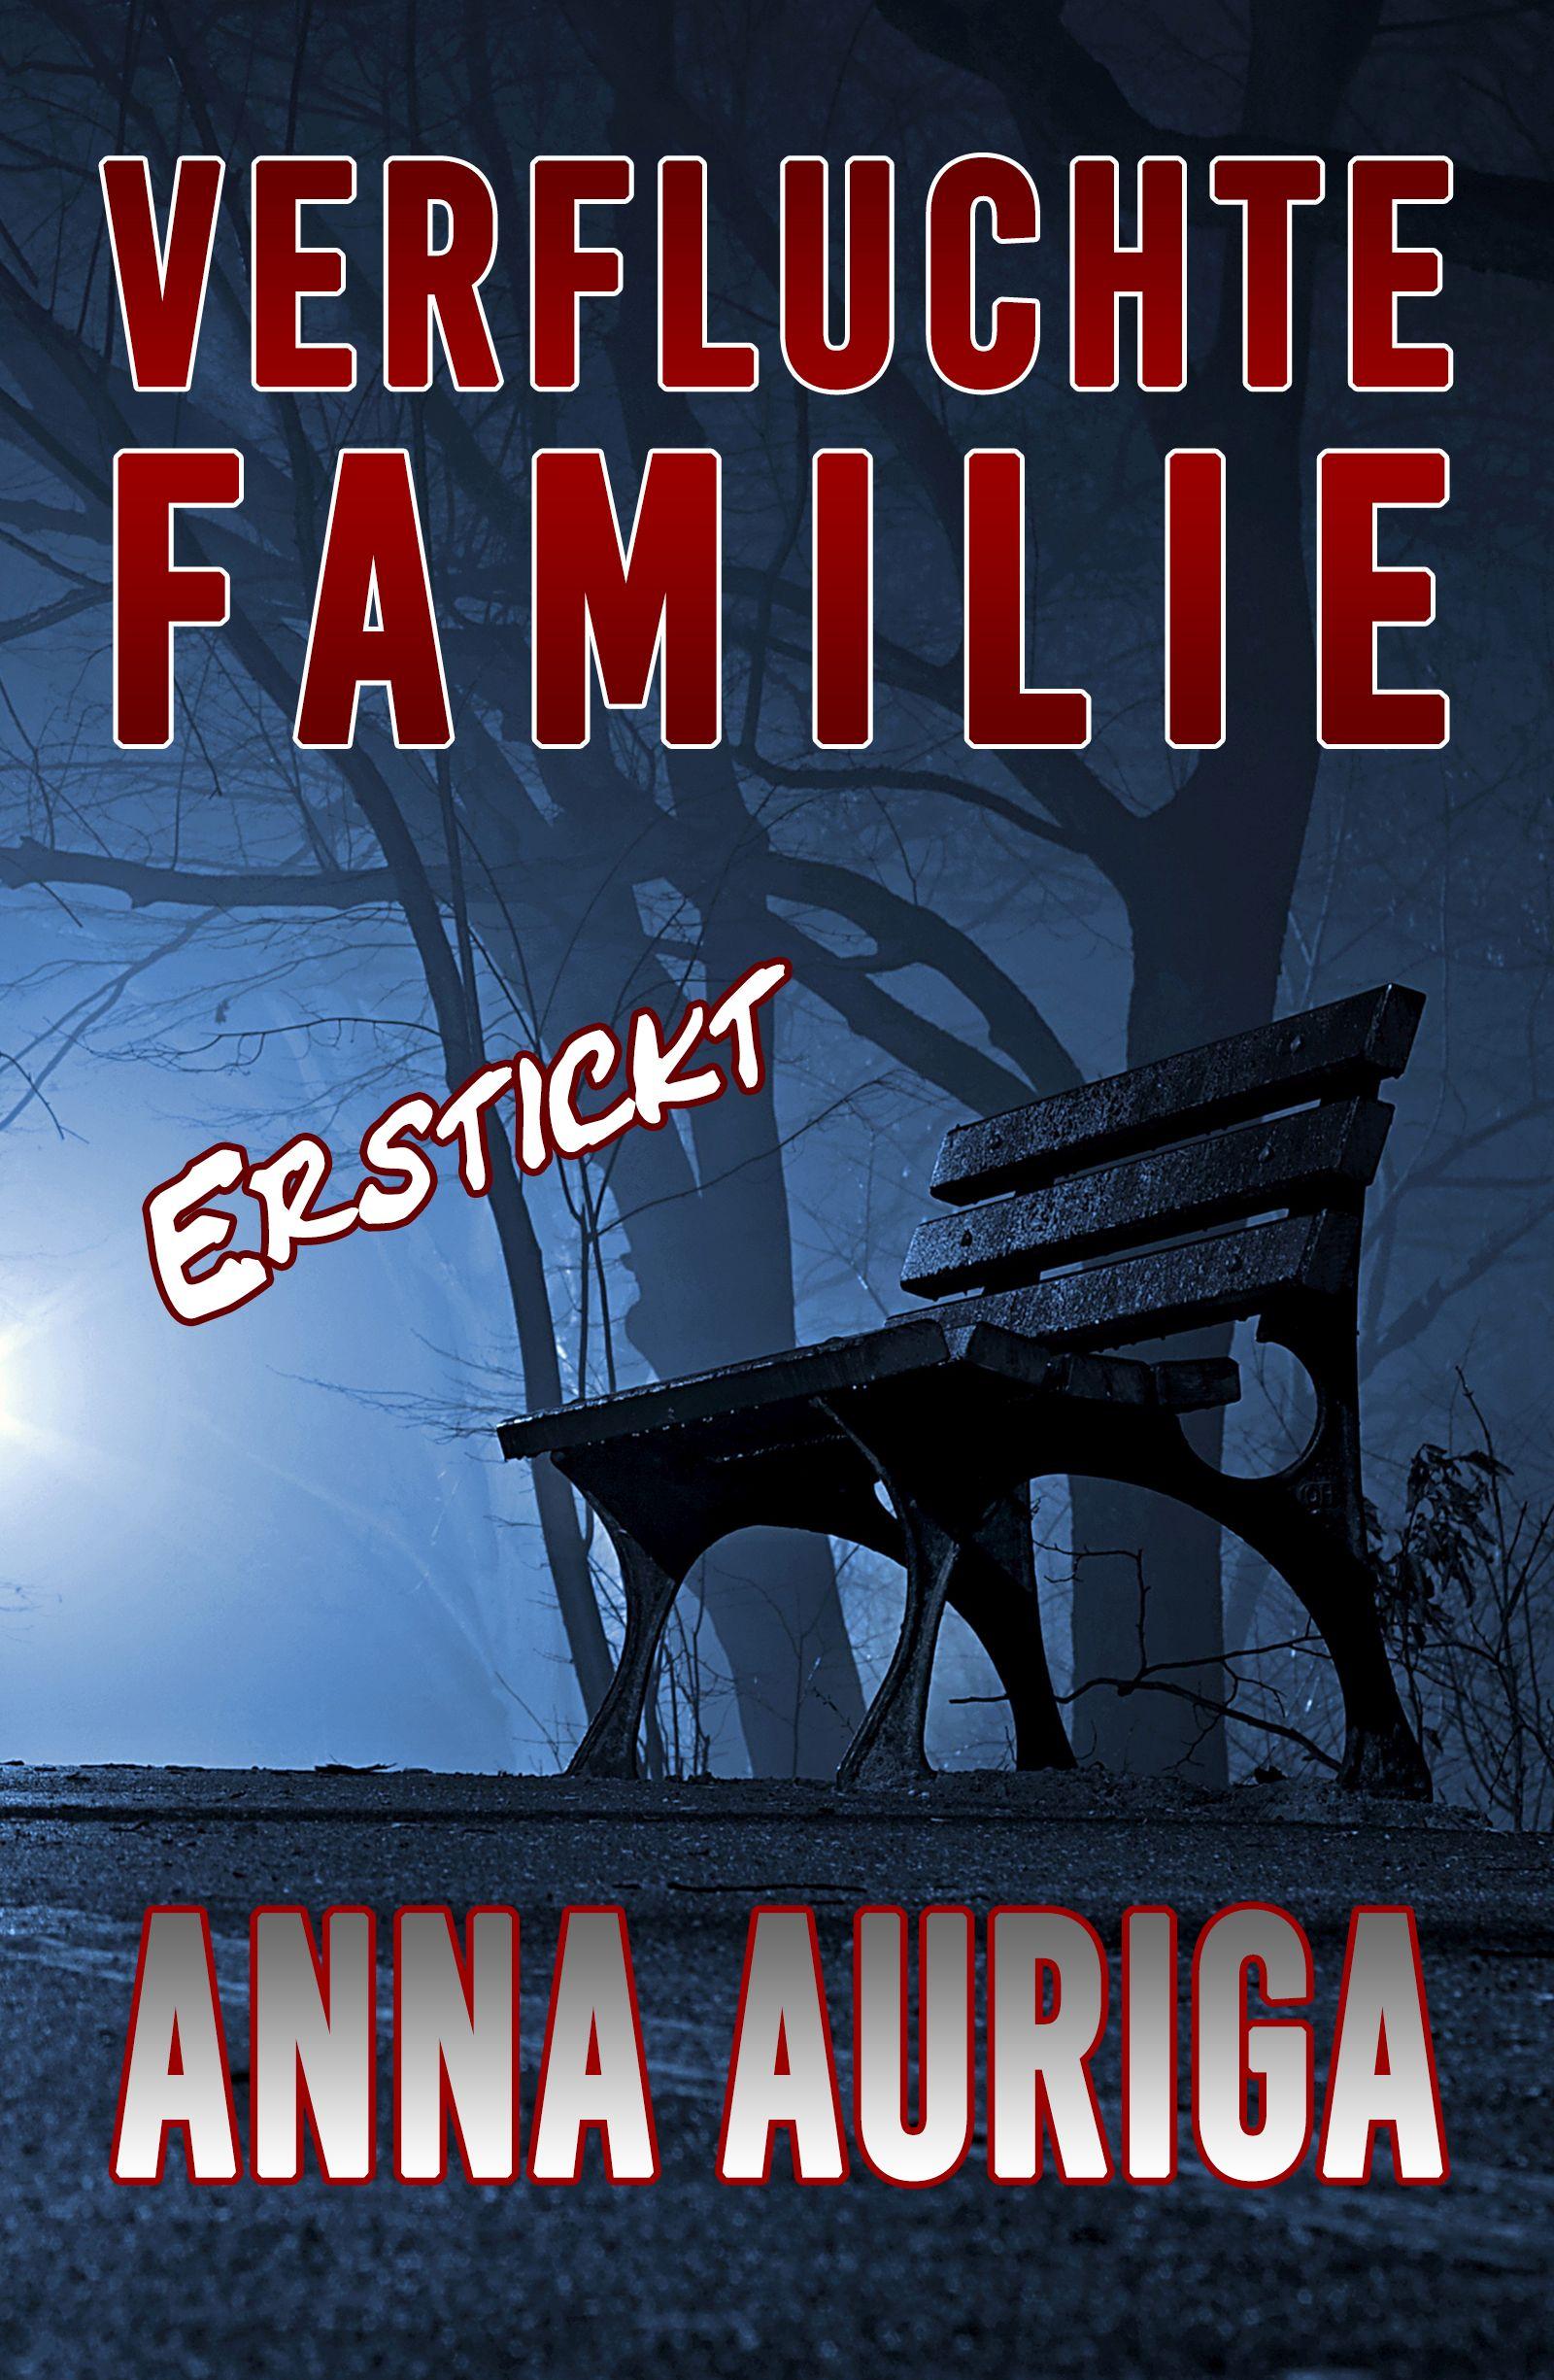 Anna Auriga – Verfluchte Familie – Erstickt